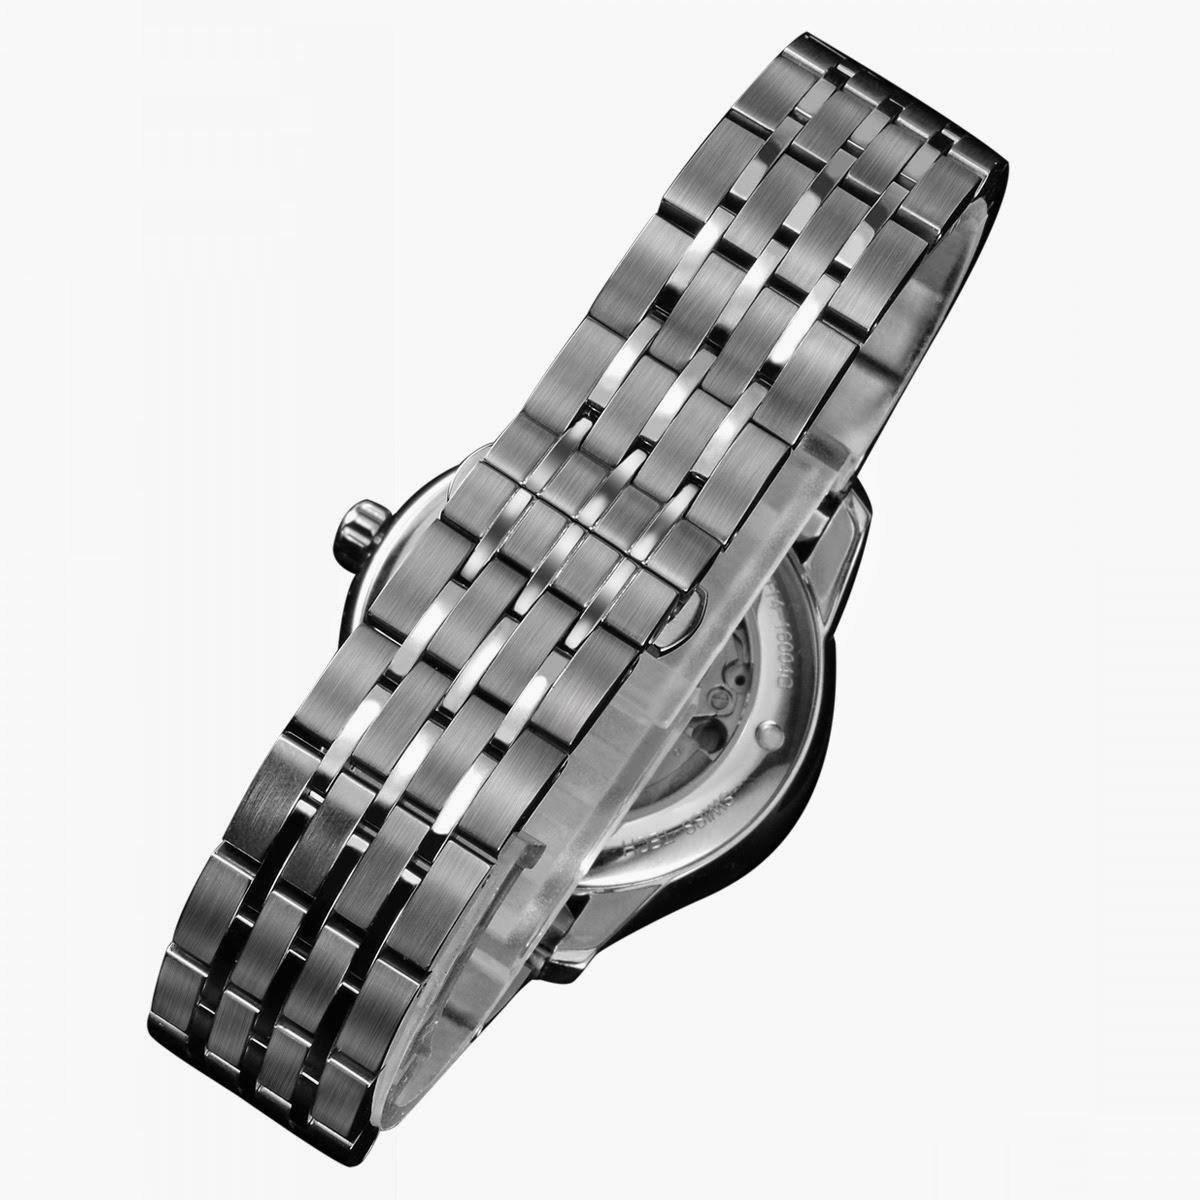 Mooie horloges rolex datejust ii imiteren patek philippe - Roestvrijstalen kast ...